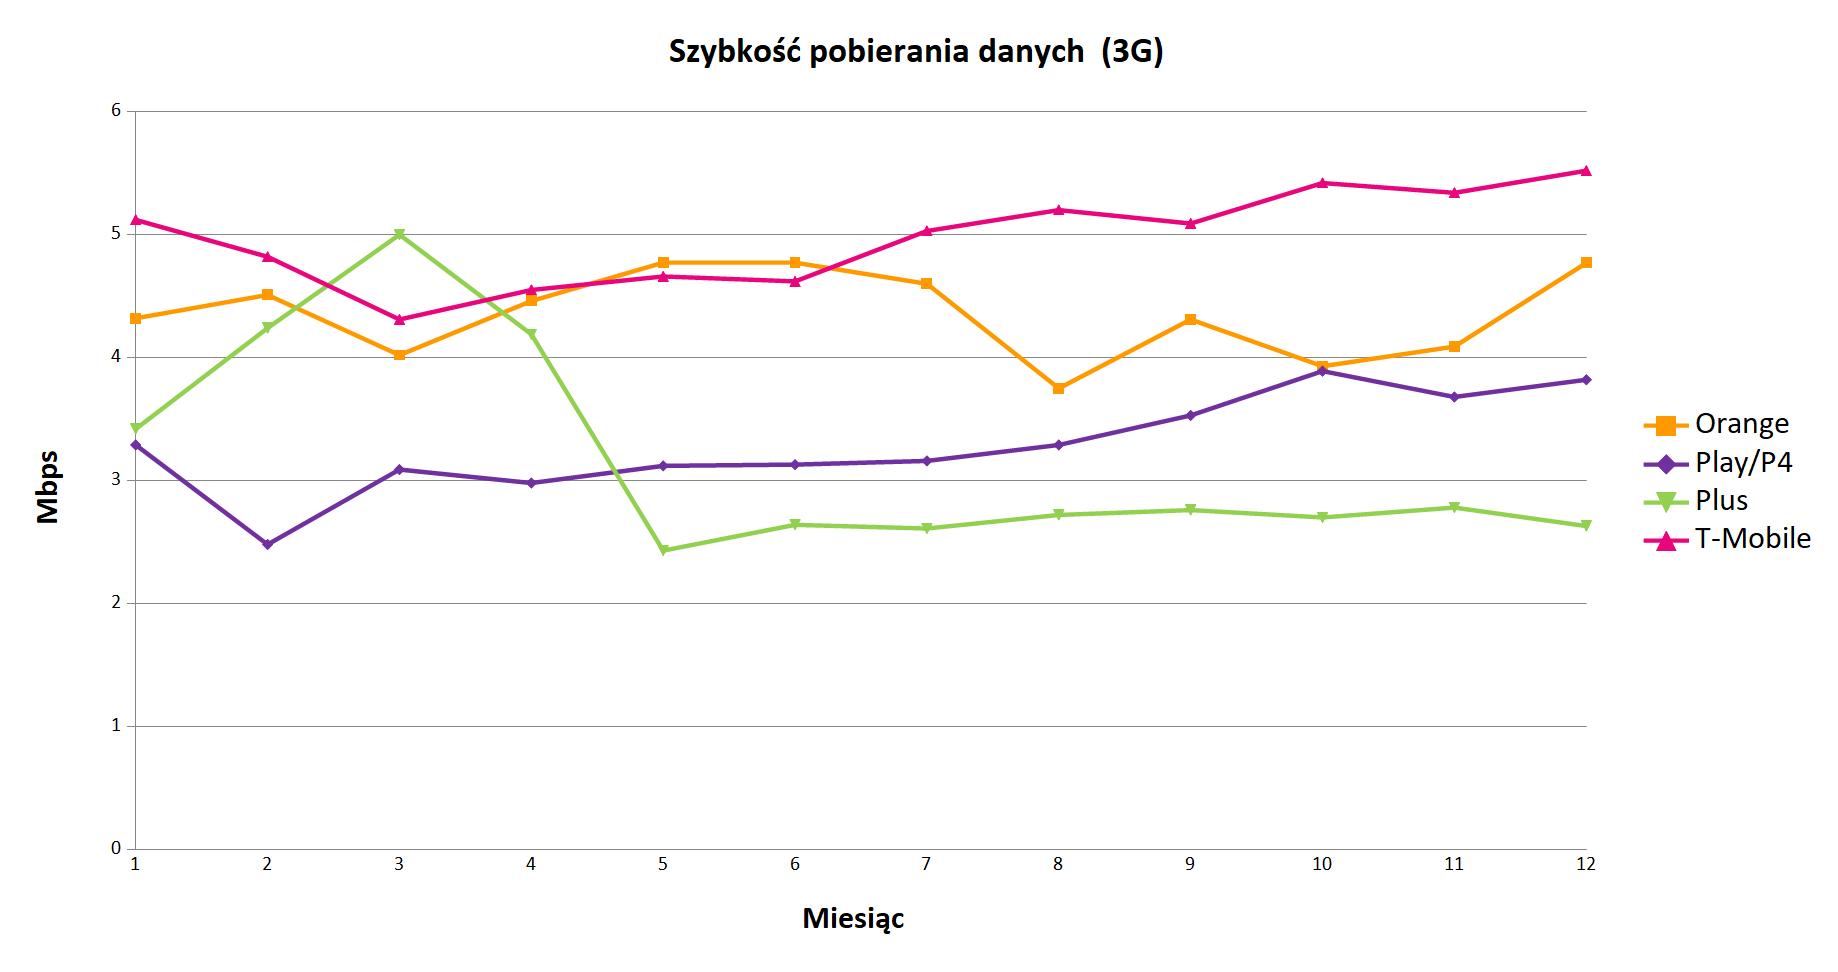 Technologia 3G – średnie wyniki pomiarów jakości Internetu mobilnego operatorów w Polsce, w poszczególnych miesiącach 2019 roku